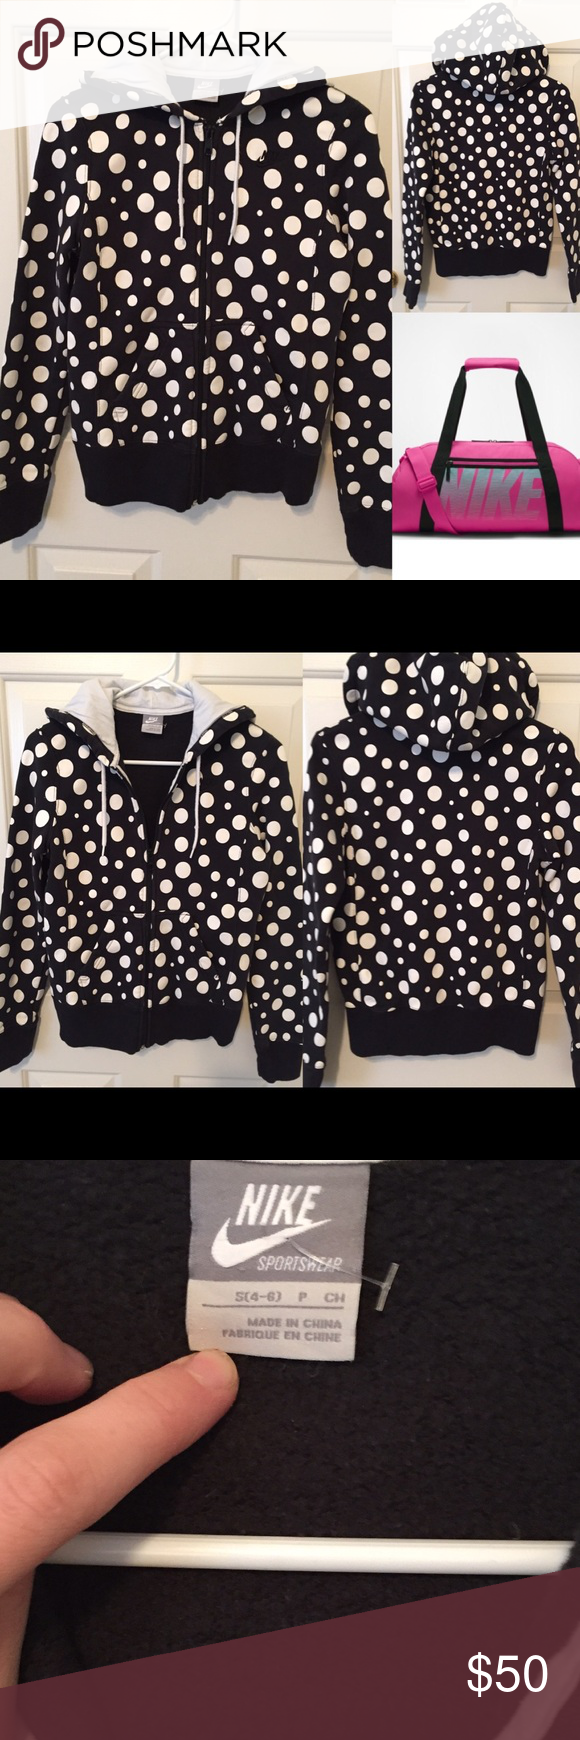 Nike Polka Dot Hoodie Sweater Sold Polka Dot Hoodie Sweater Hoodie Sweaters [ 1740 x 580 Pixel ]